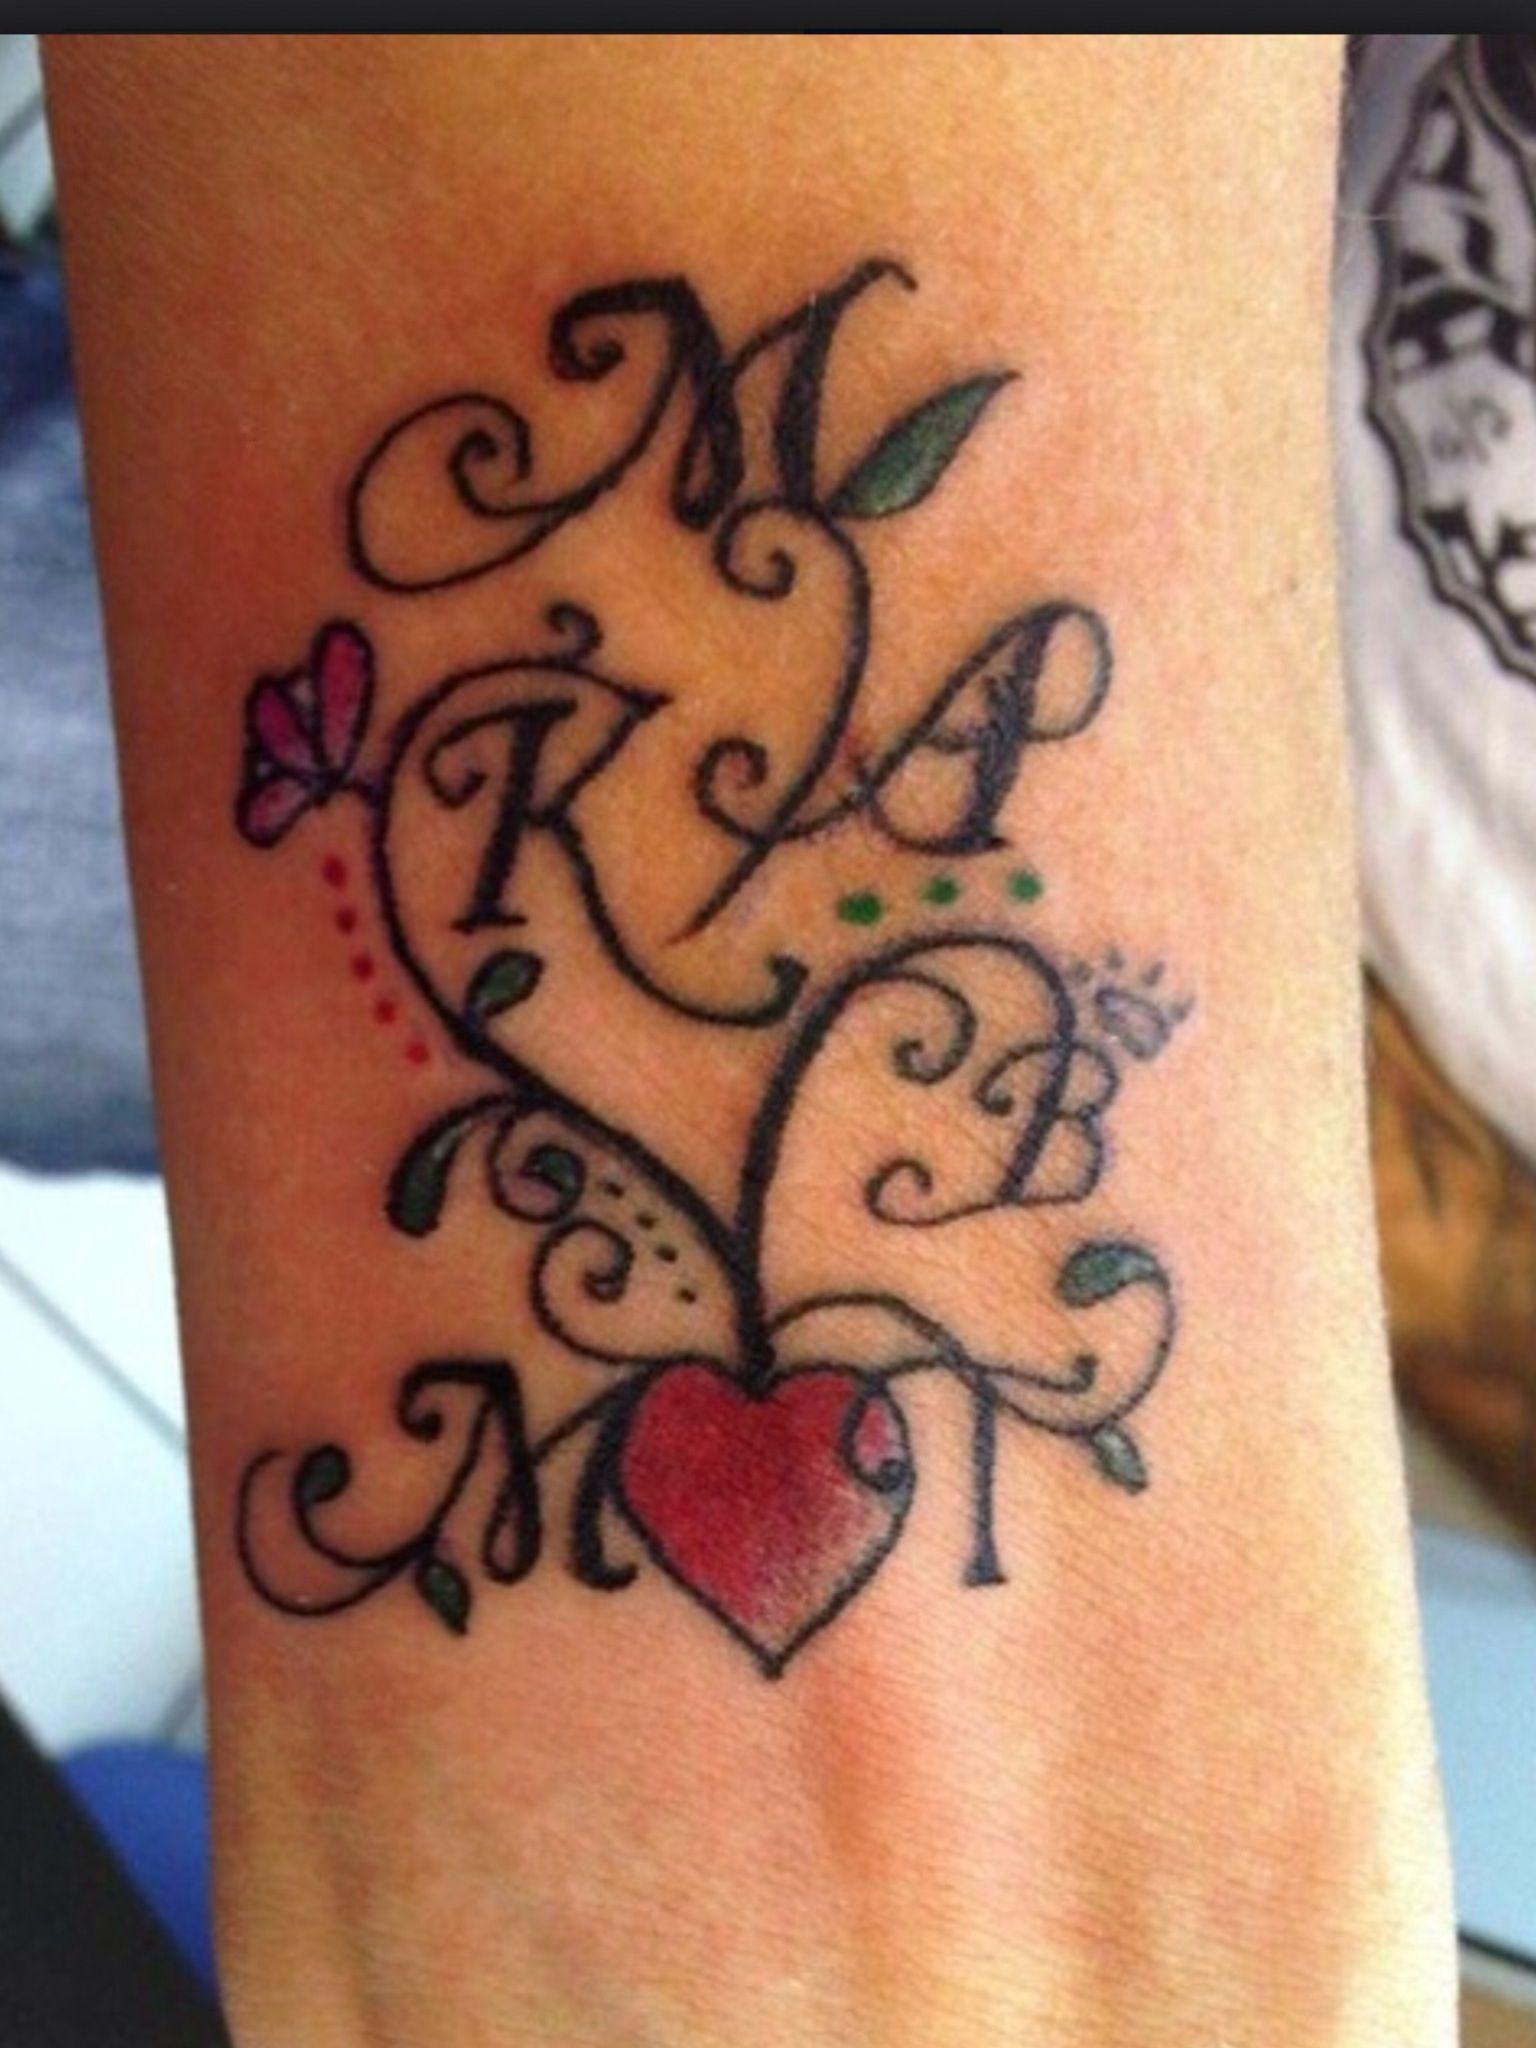 Family Names Tattoo Idea Family tattoos, Tattoos, Cool